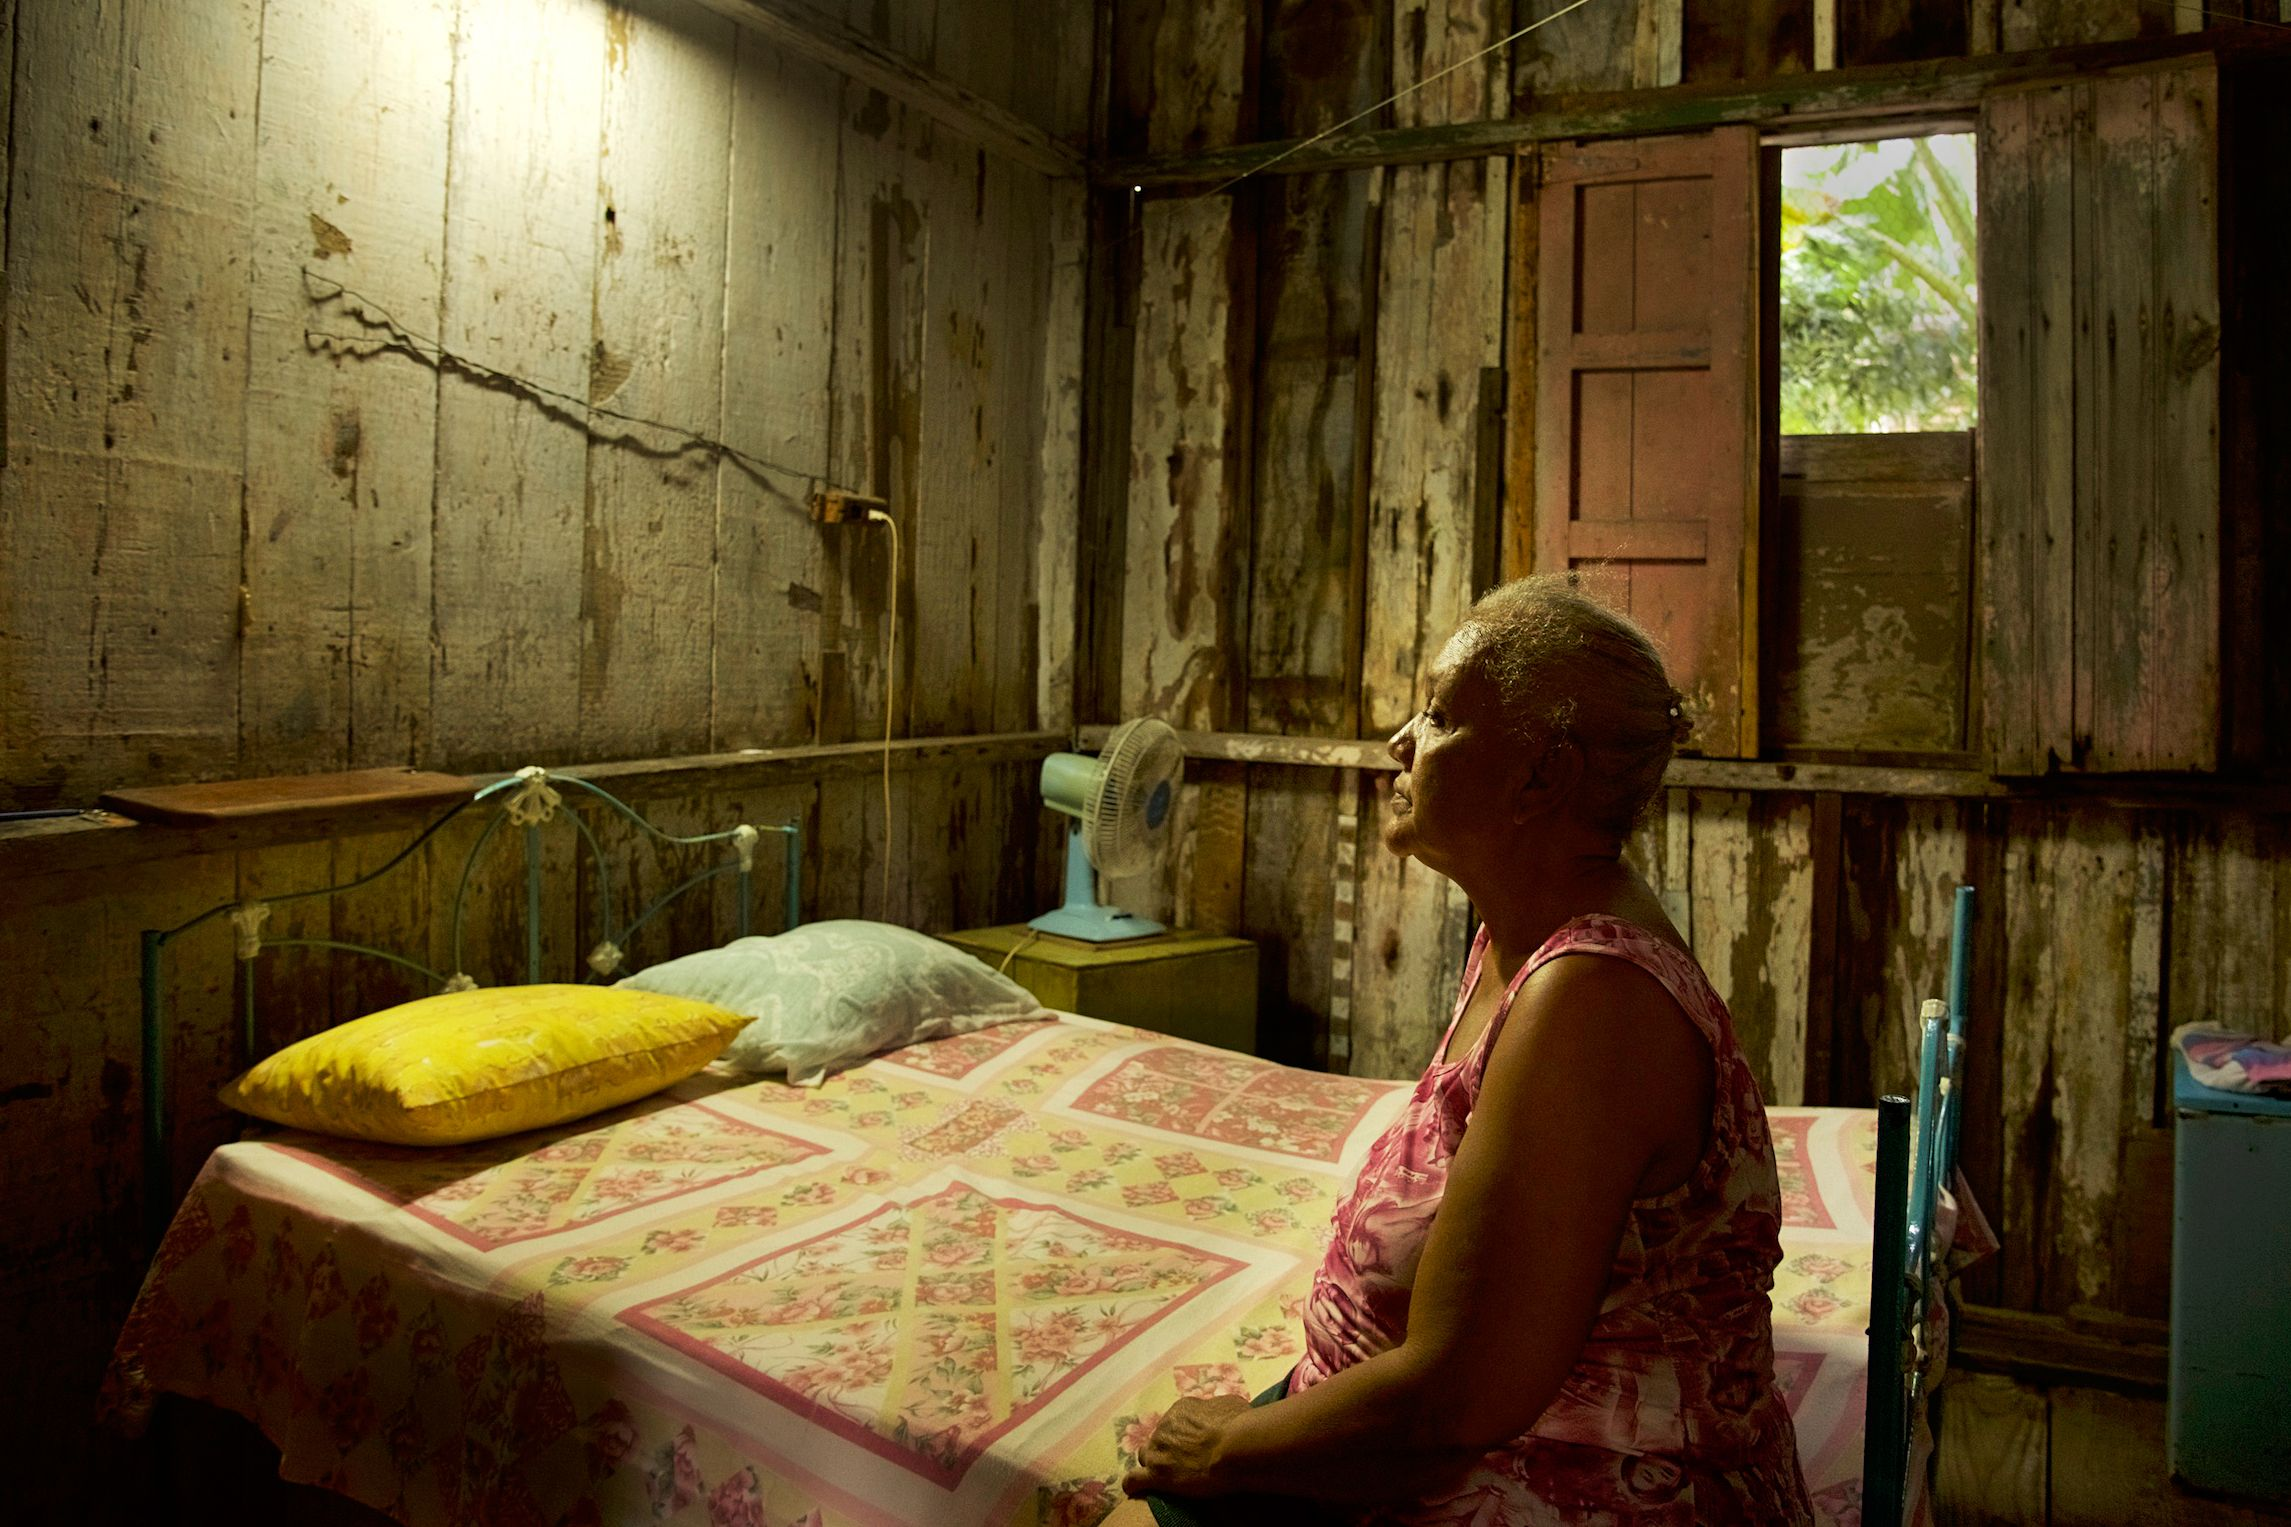 photos of cuban people